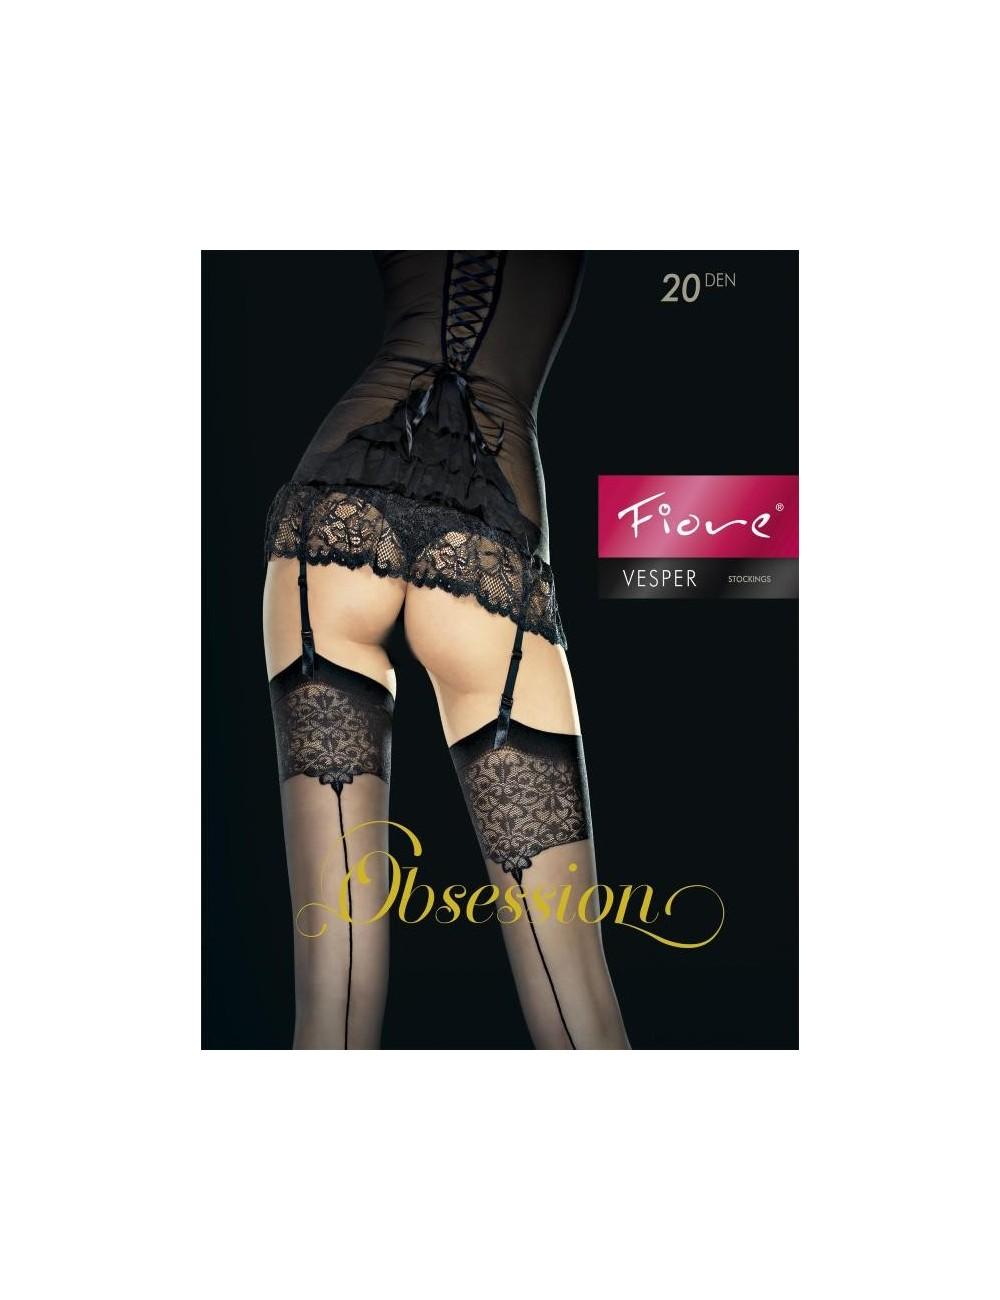 Lingerie - Bas - Bas sexy noire avec jarretière à motifs délicats 20 DEN Vesper - Fiore